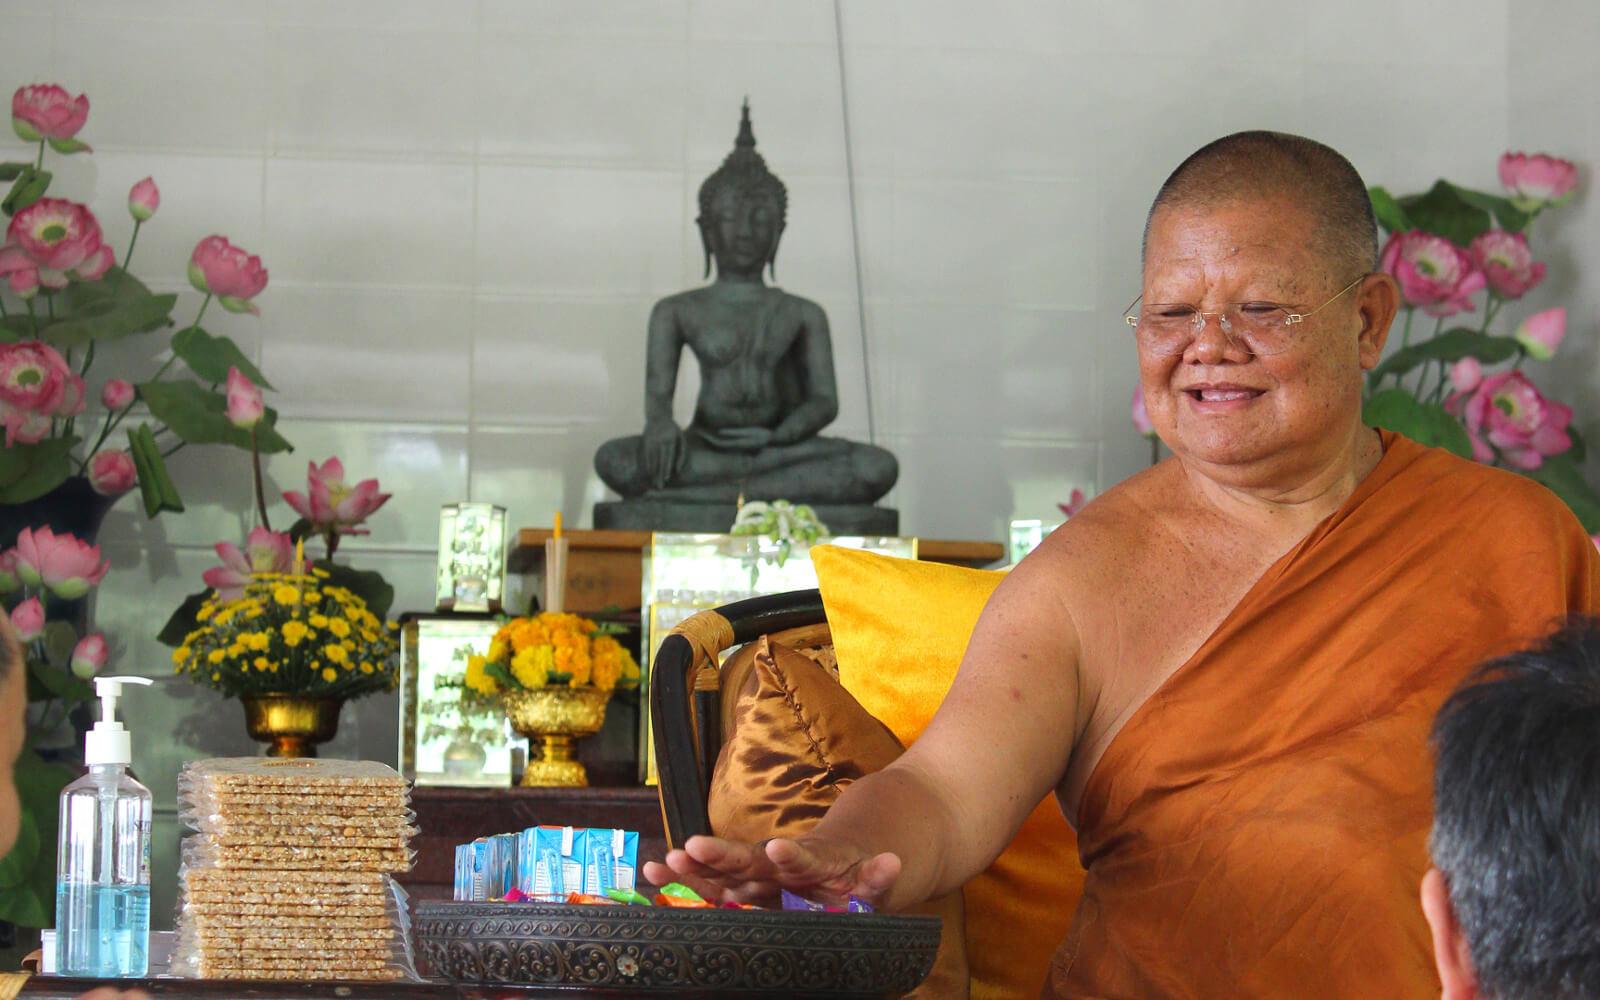 Der mit Süßigkeiten werfende Mönch